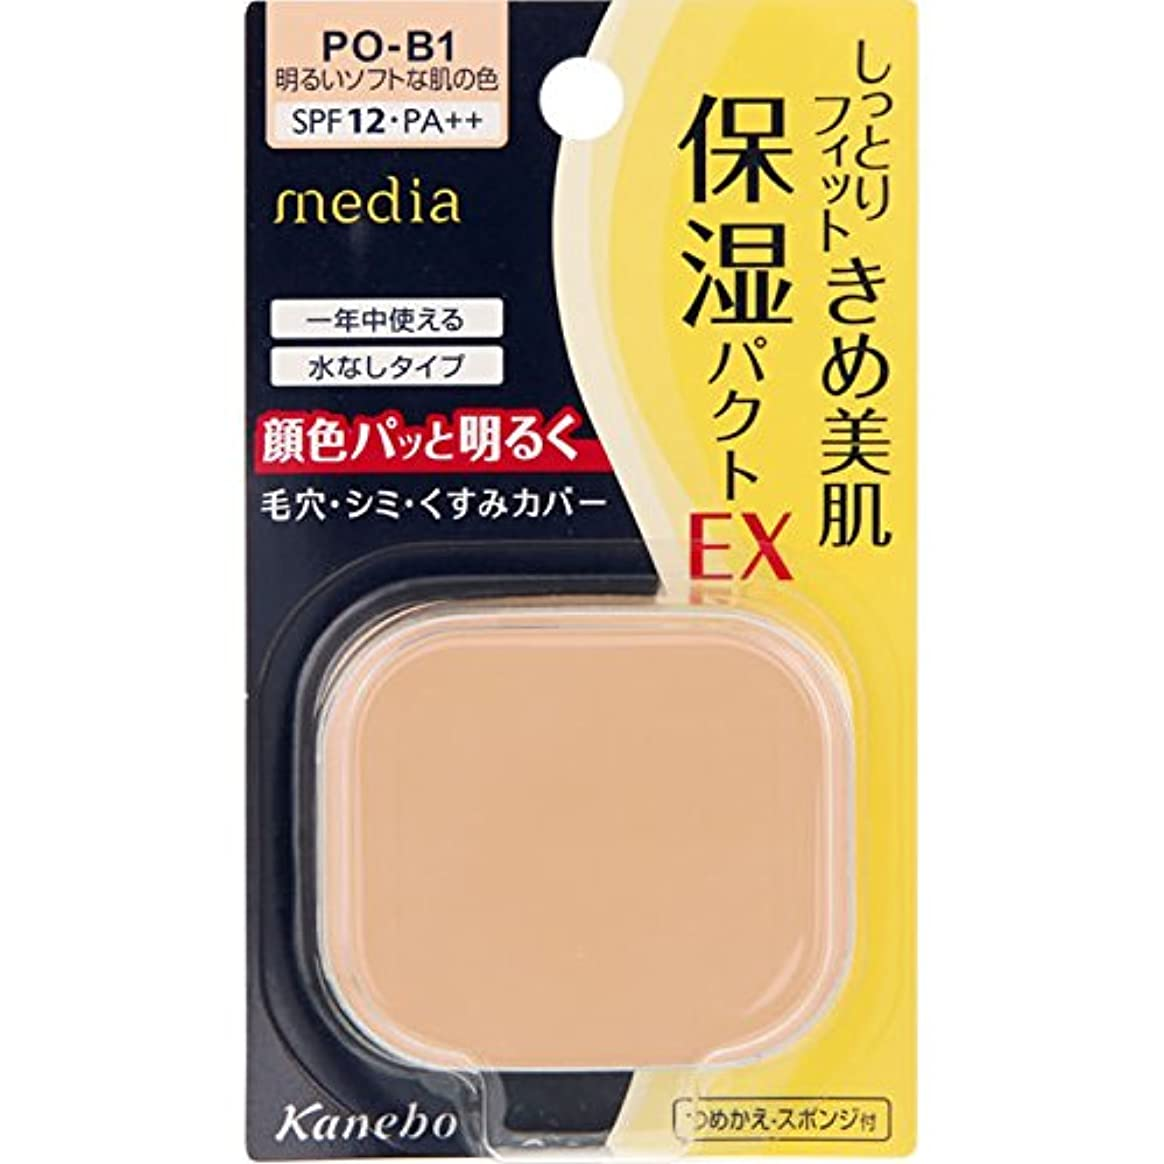 デマンド養うガスカネボウ メディア モイストフィットパクトEX<つめかえ> PO-B1(11g)